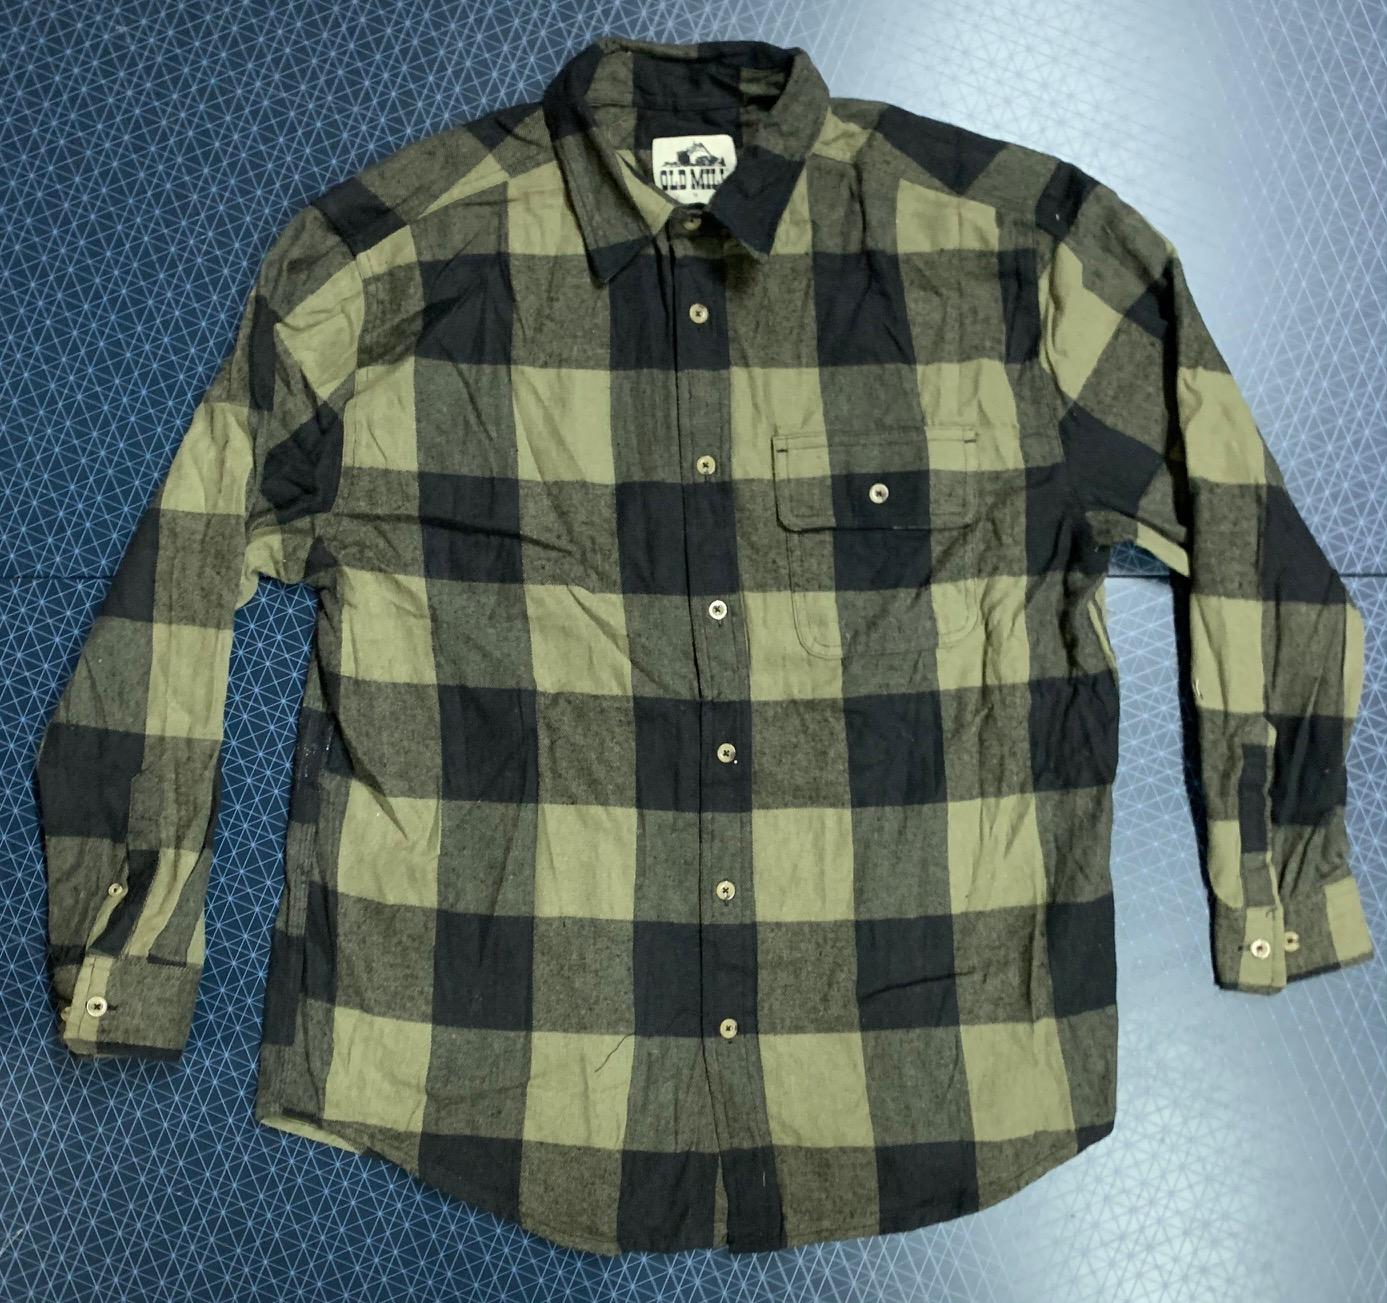 Рубашка мужская OLD MILL в оливково-черную клетку